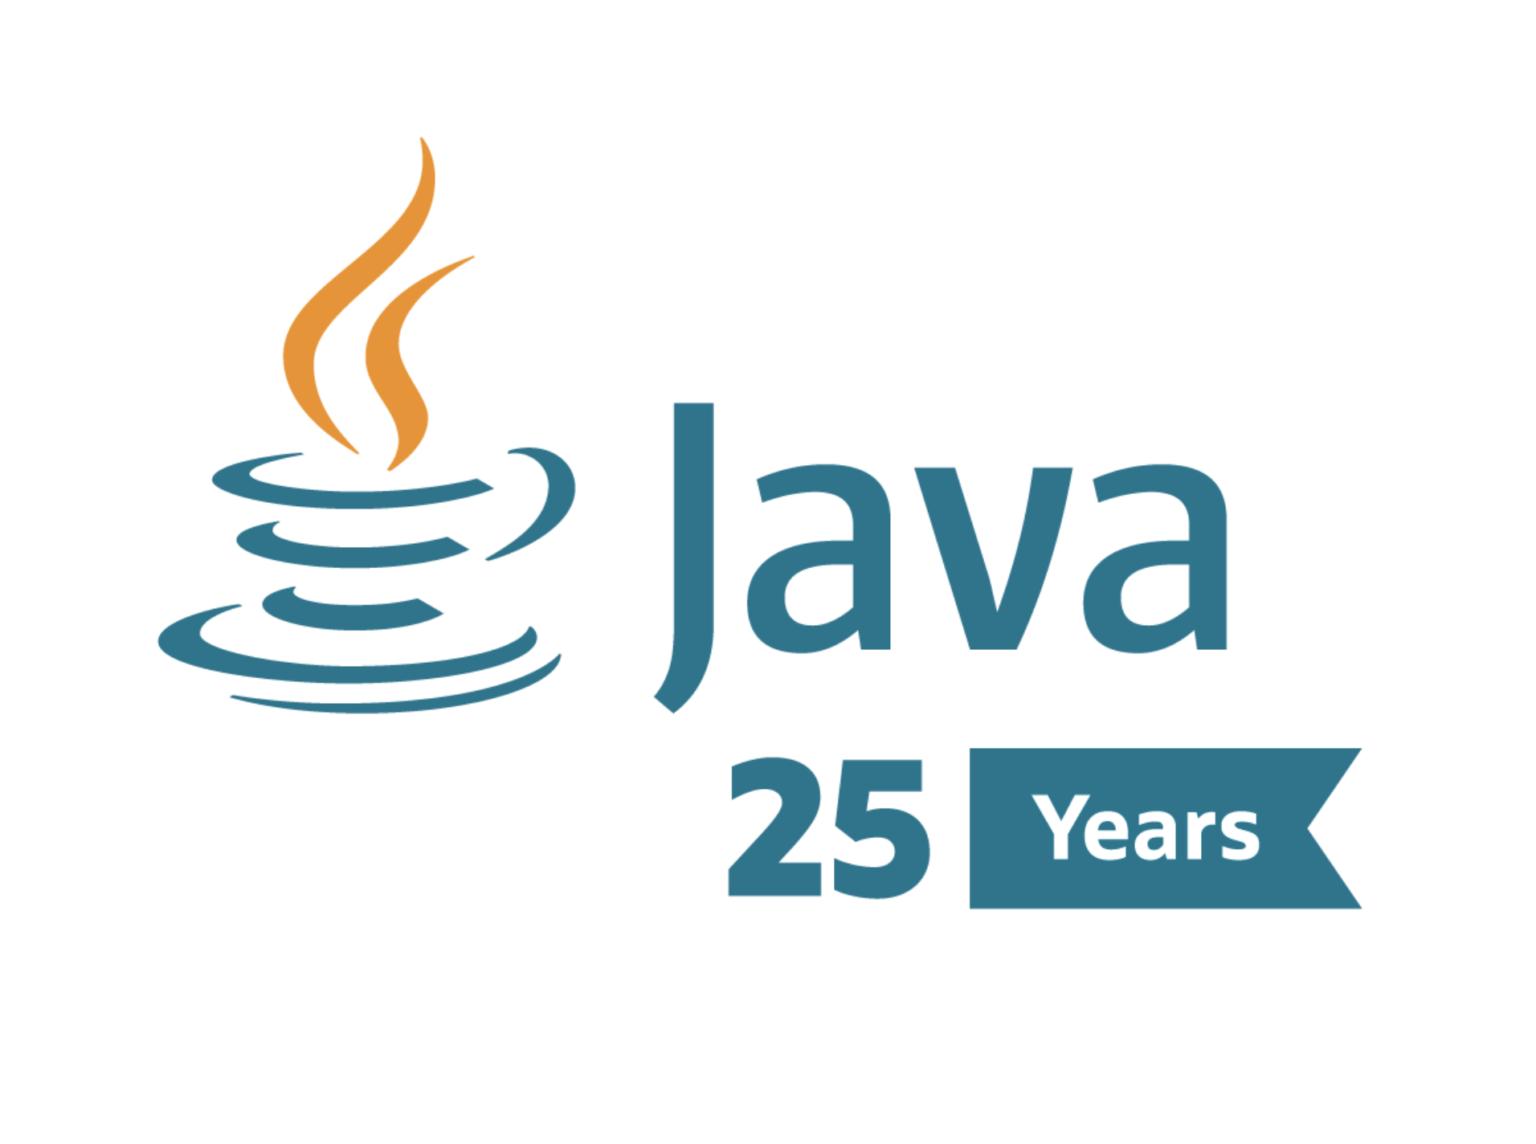 জাভার জন্যা নিয়ে নিন প্রোয়জনীয় জাভা অ্যাপ ।সাথে রয়েছে মোড করা Java app